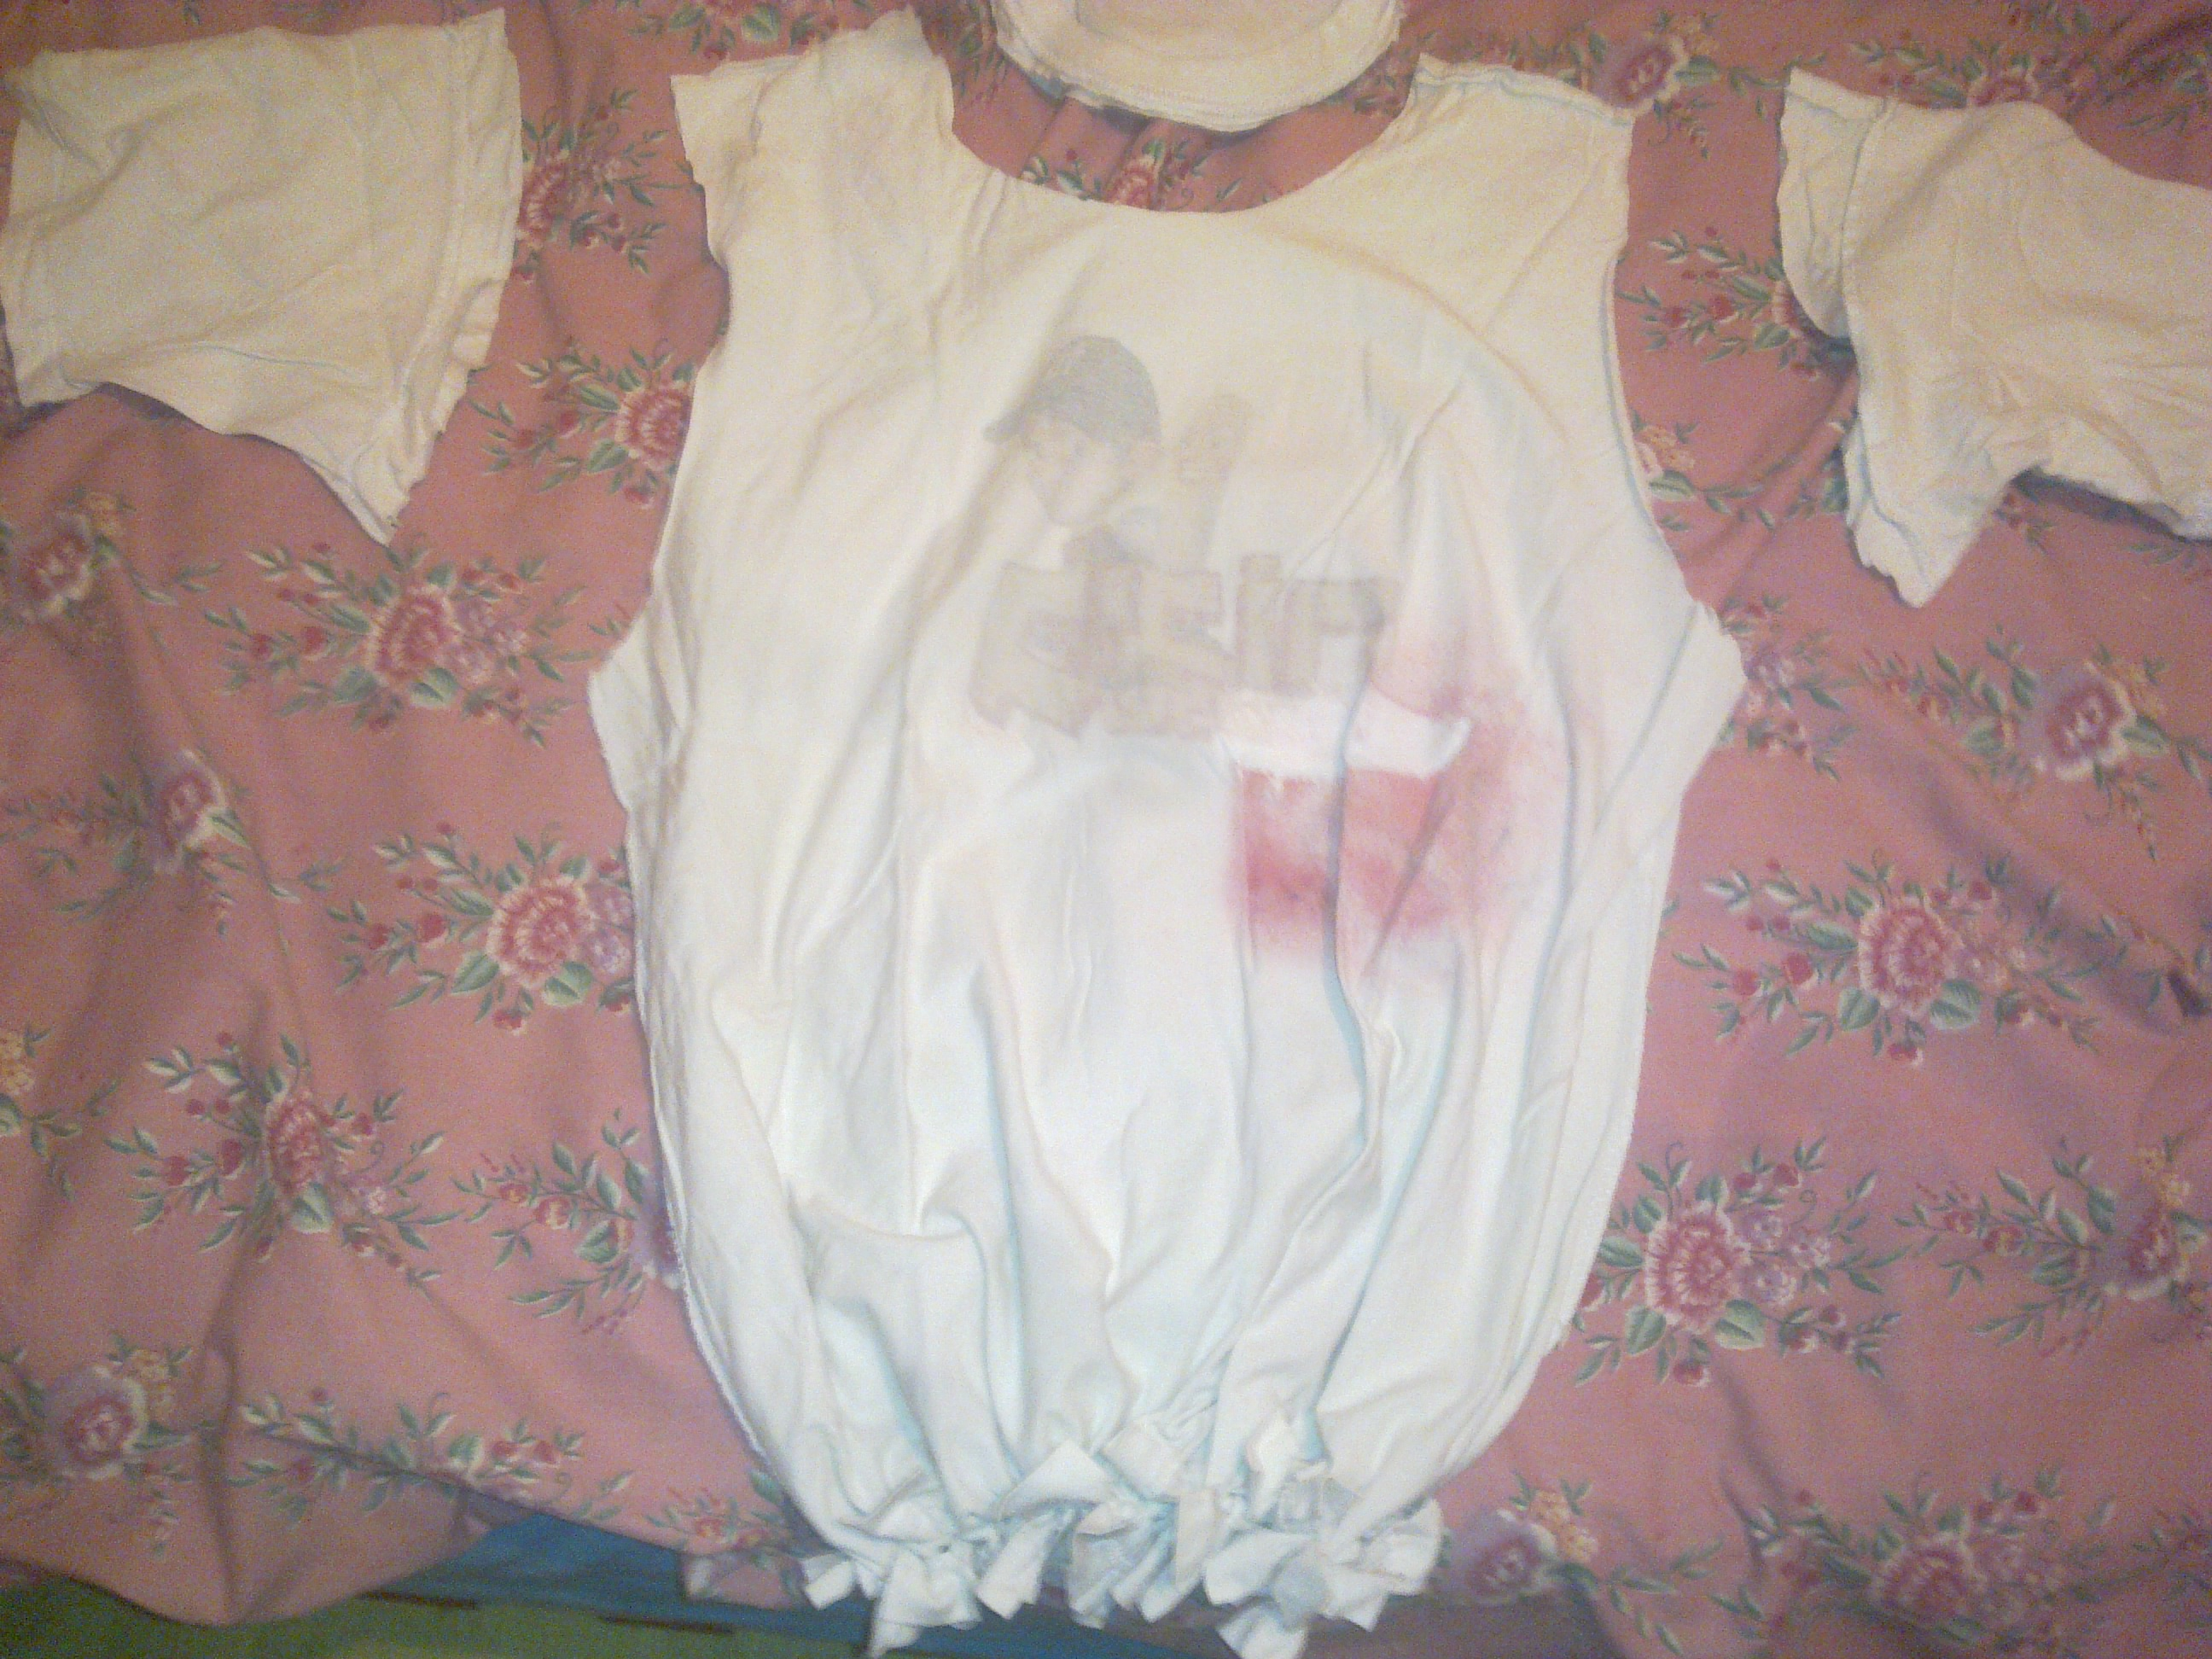 הרצועות בתחתית החולצה קשורות לכדי שק